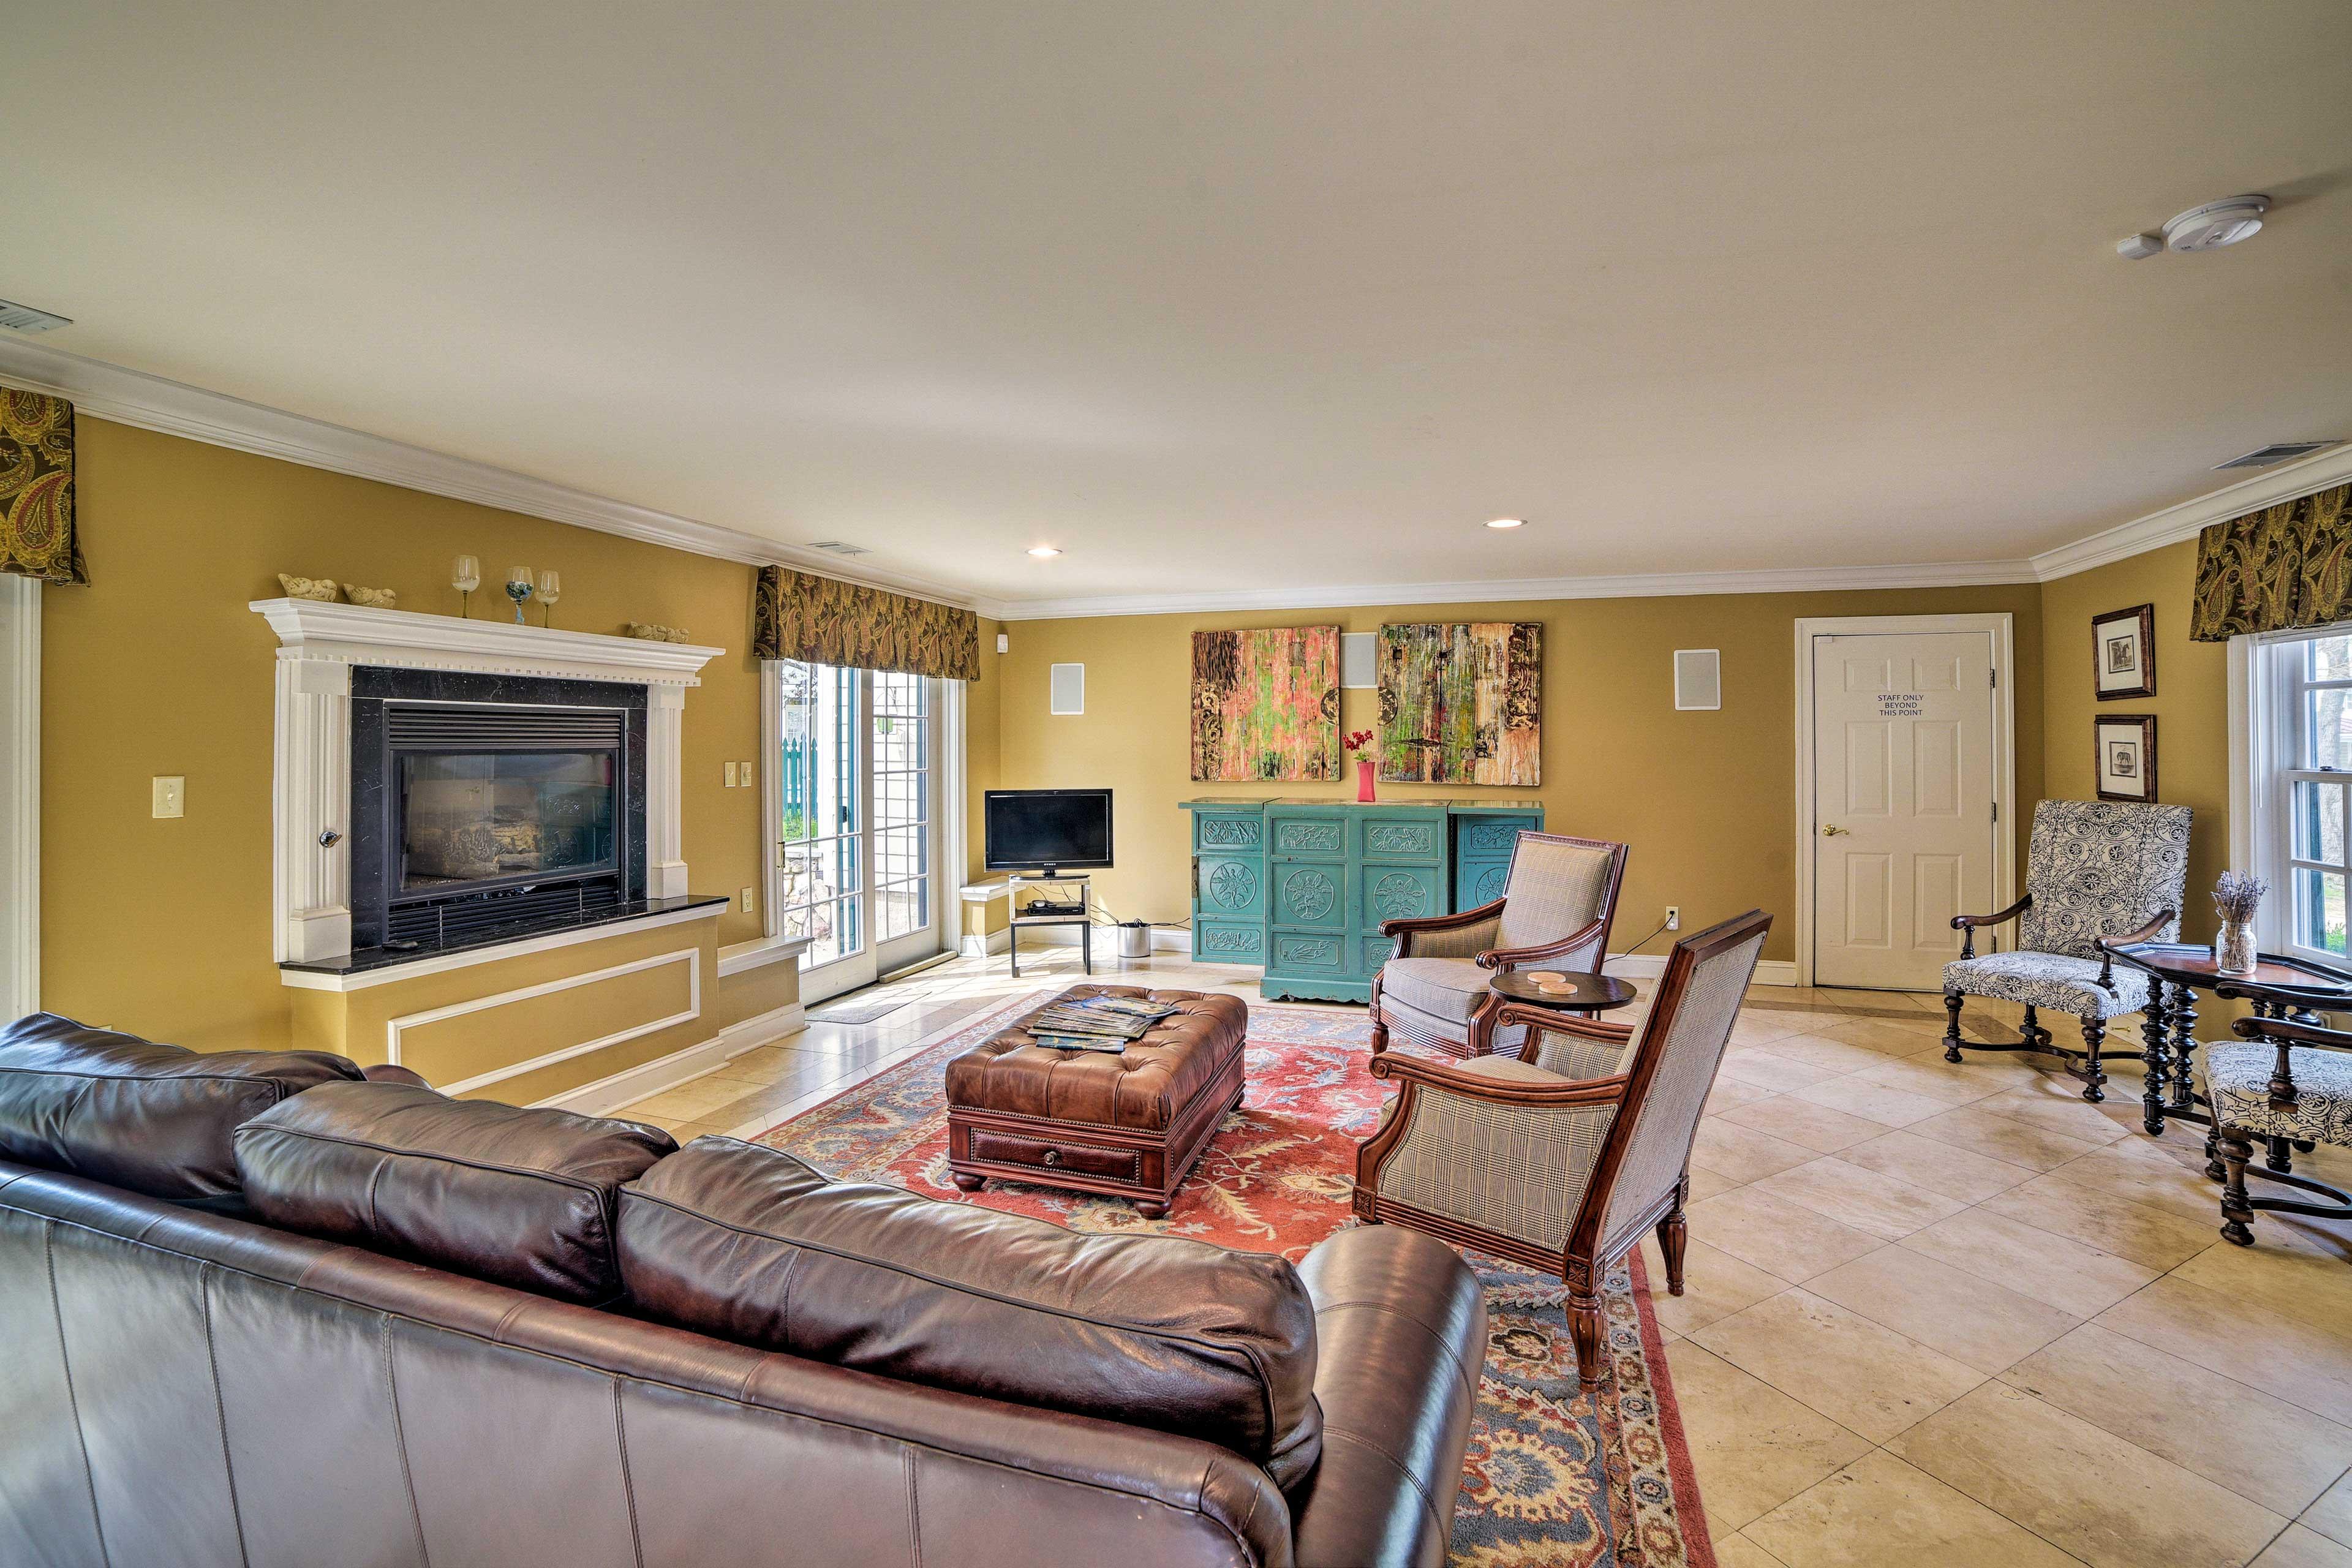 Living Room | Flat-Screen TV w/ Chromecast & USB Ports